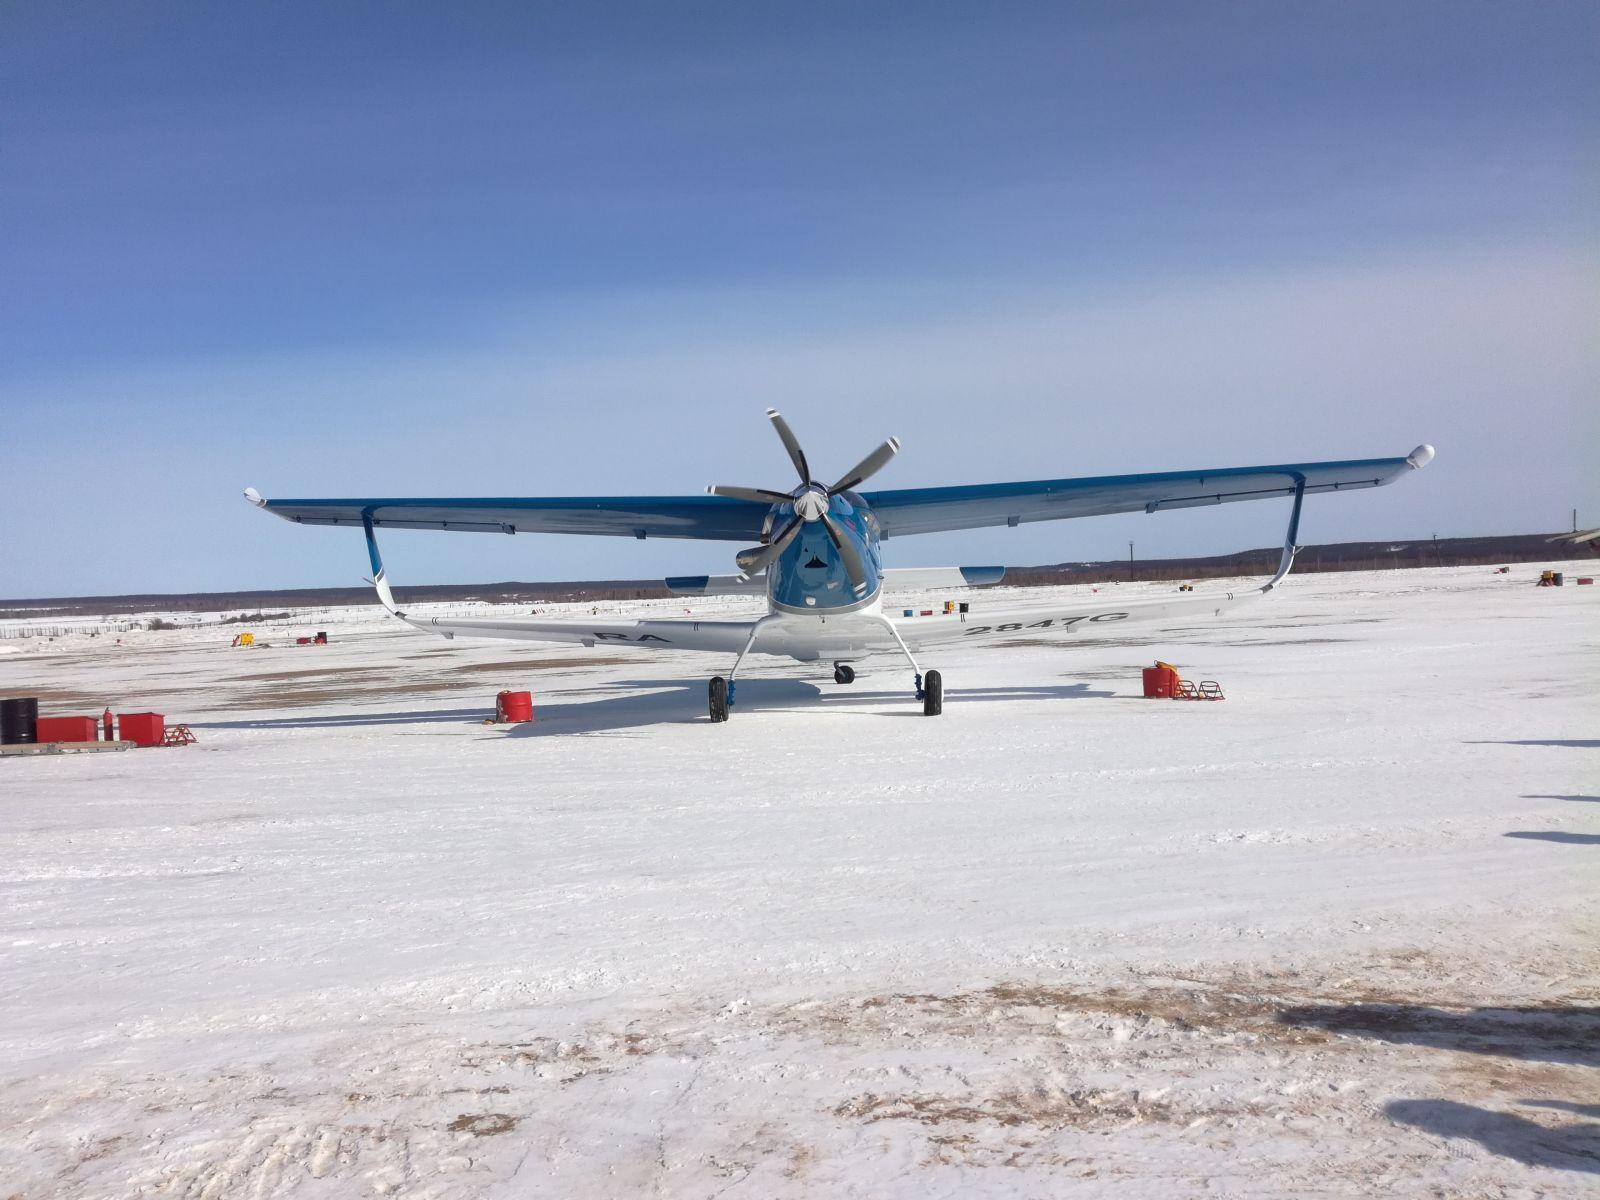 В Якутске презентован первый опытный образец самолета ТВС-2ДТС